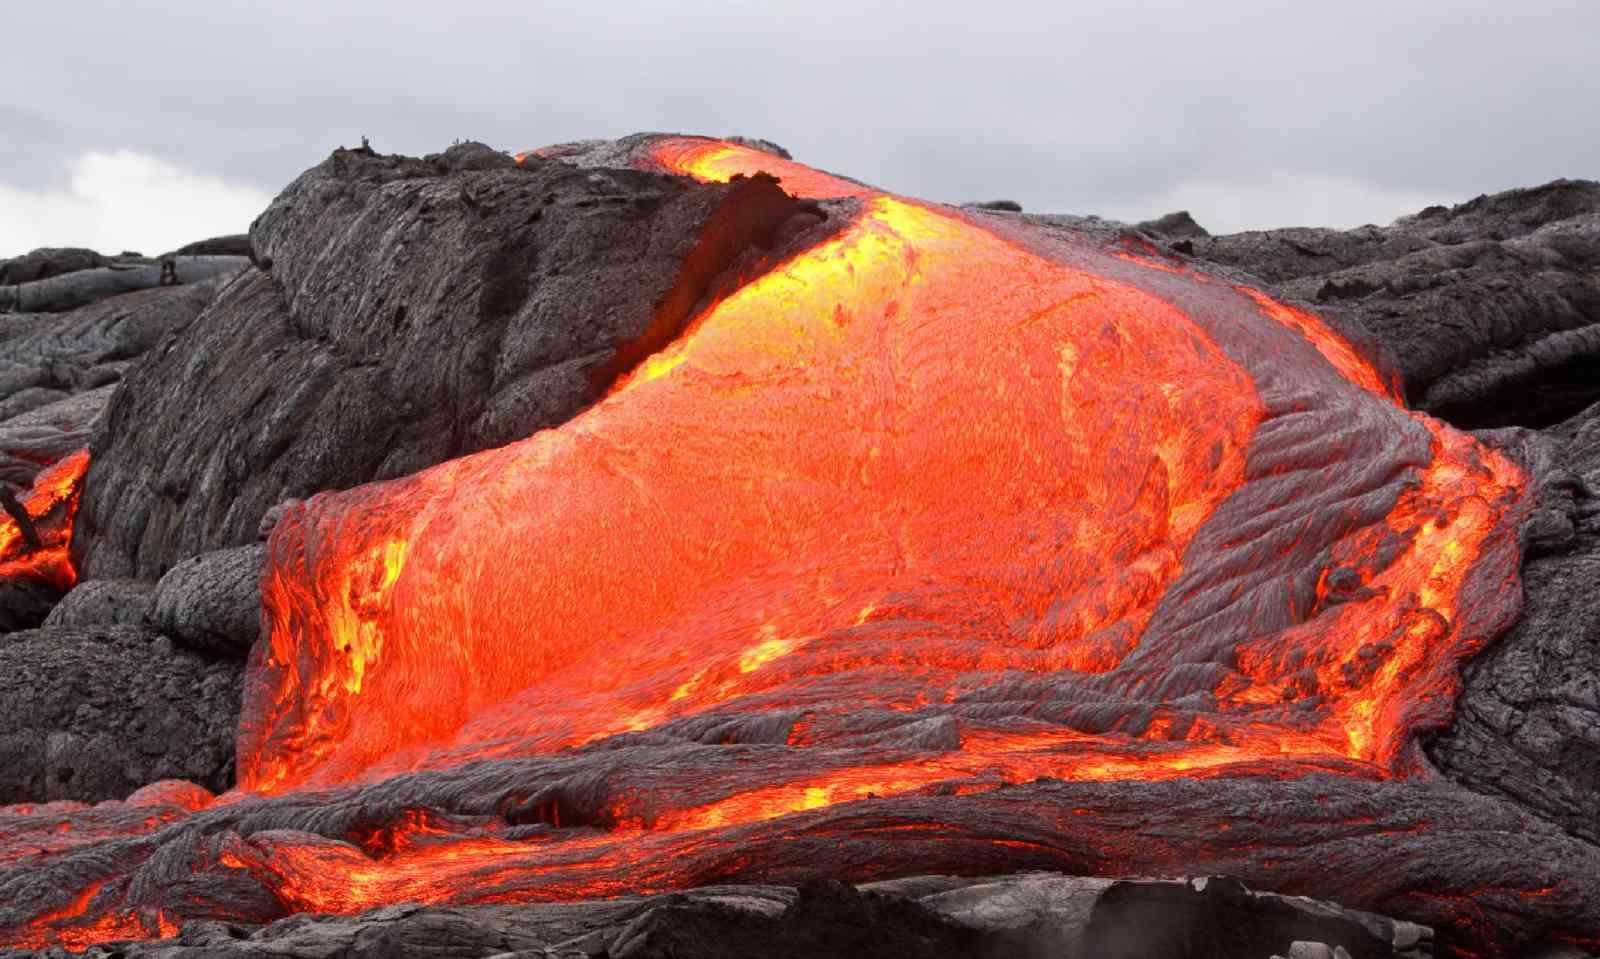 Lava flow on Kilauea (Dreamstime)